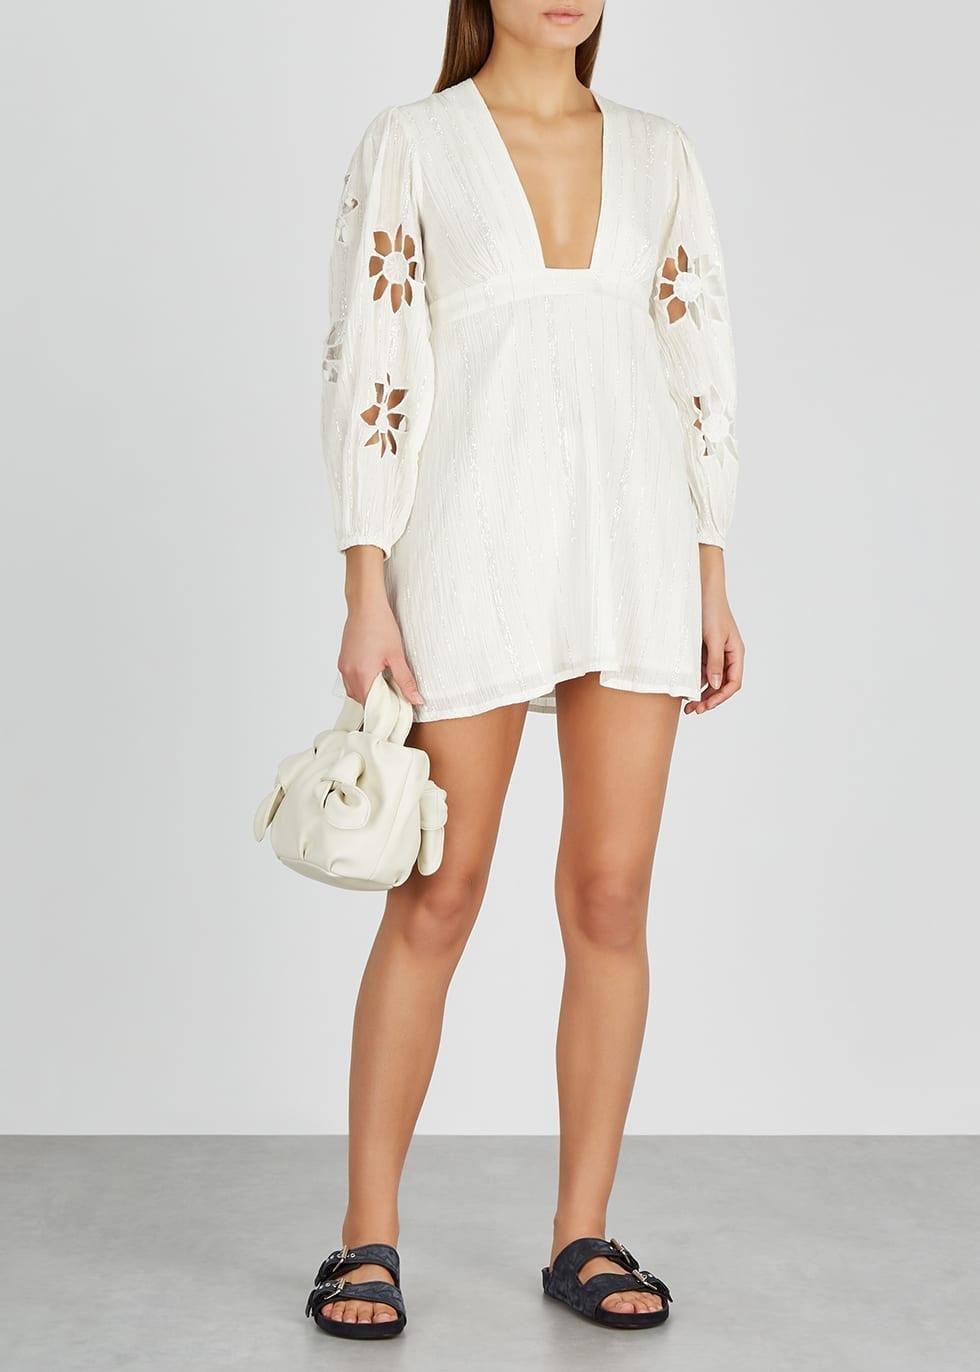 SUNDRESS Lucie White Lamé-weave Mini Dress